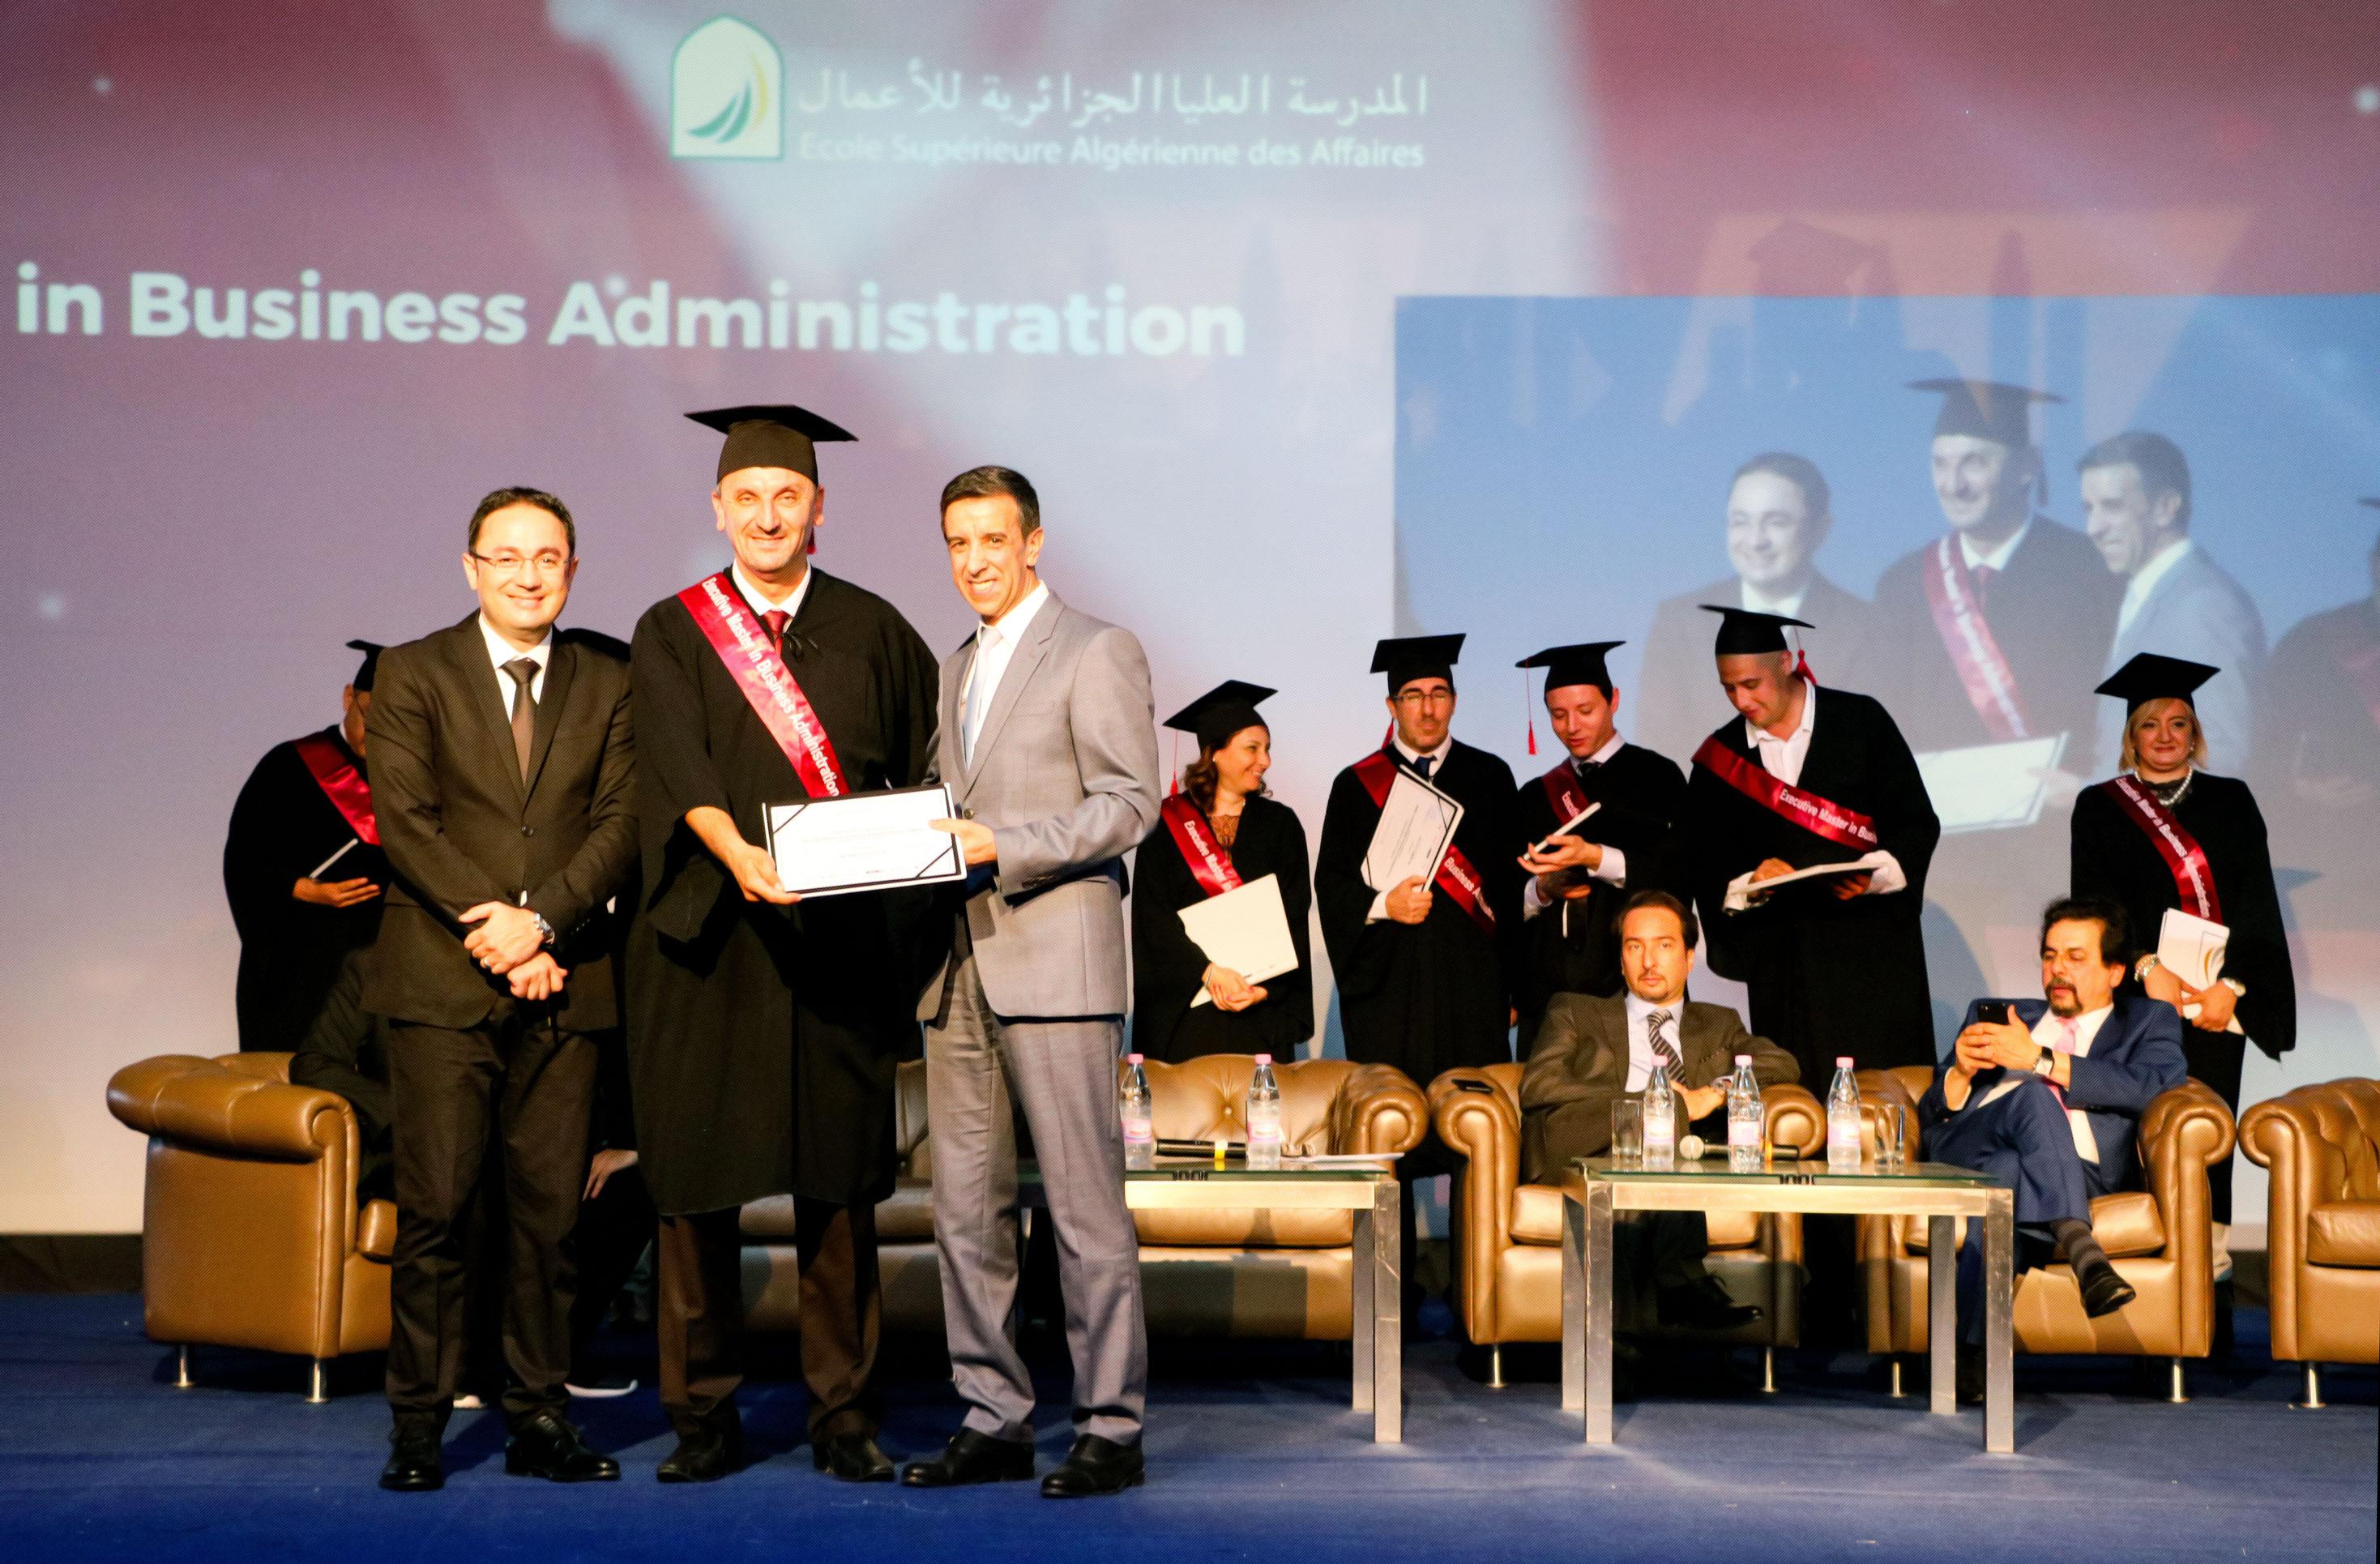 Cérémonie de remise des diplômes de l'ESAA